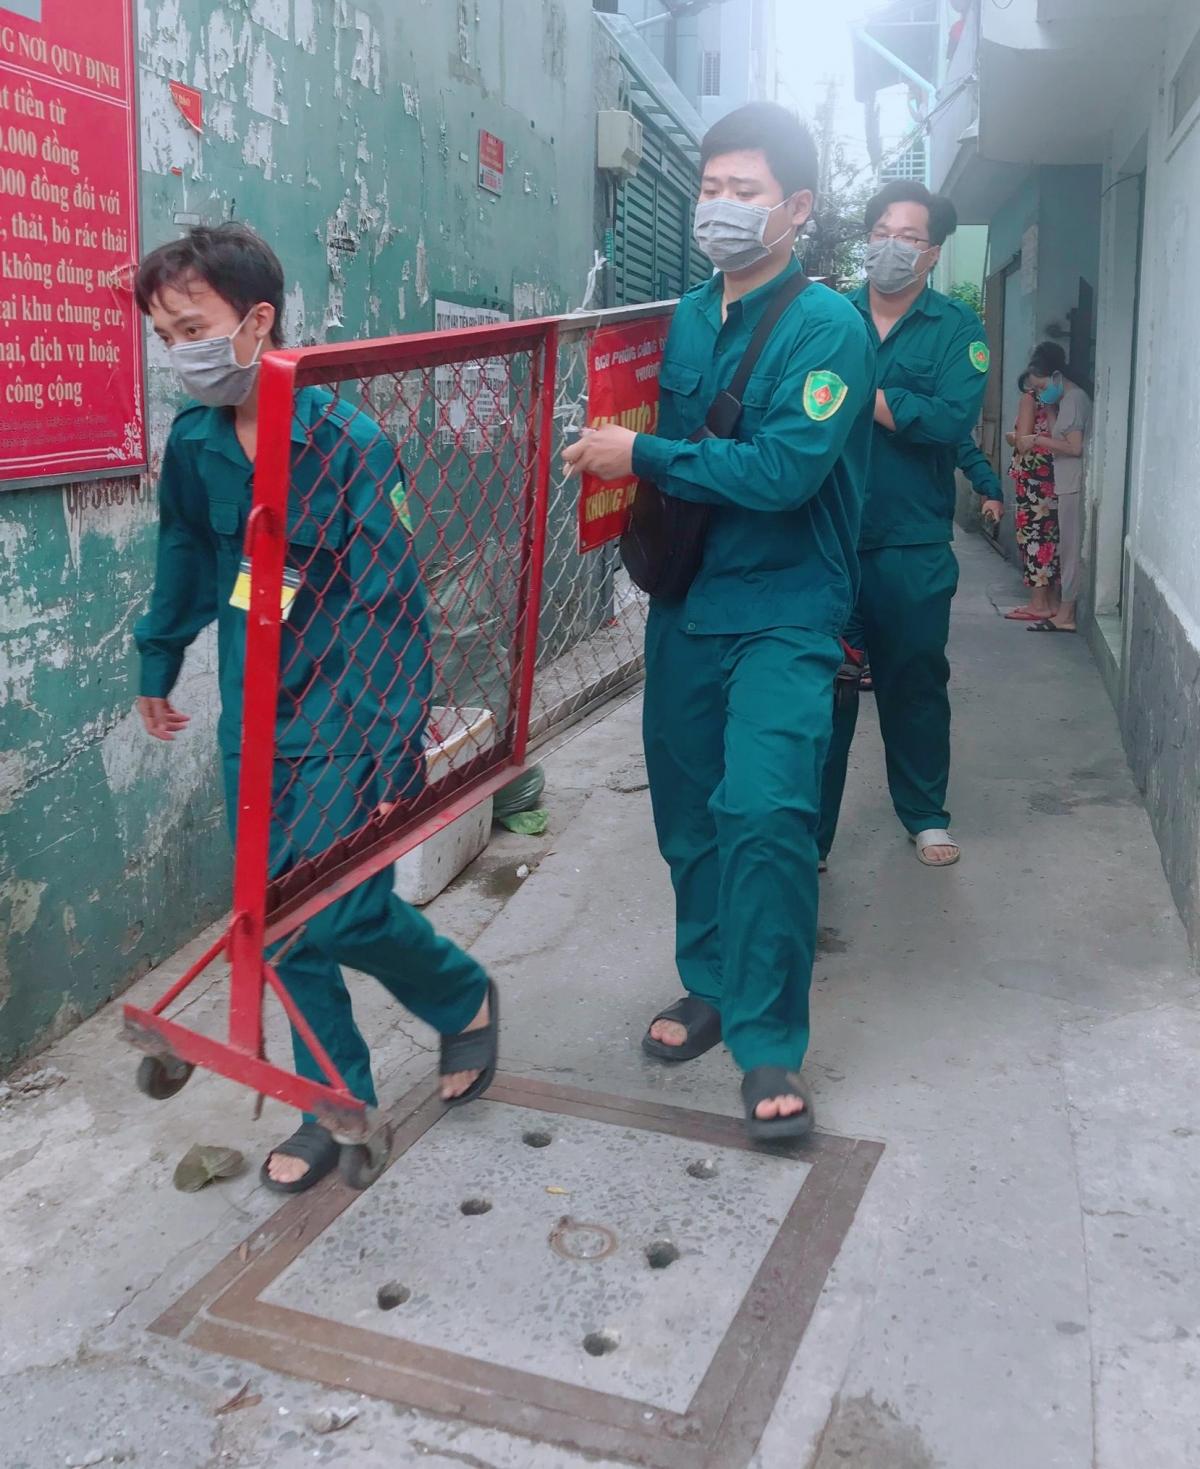 Dỡ phong tỏa ở hẻm Nguyễn Bặc, Phường 3 quận Tân Bình (Ảnh HCDC)